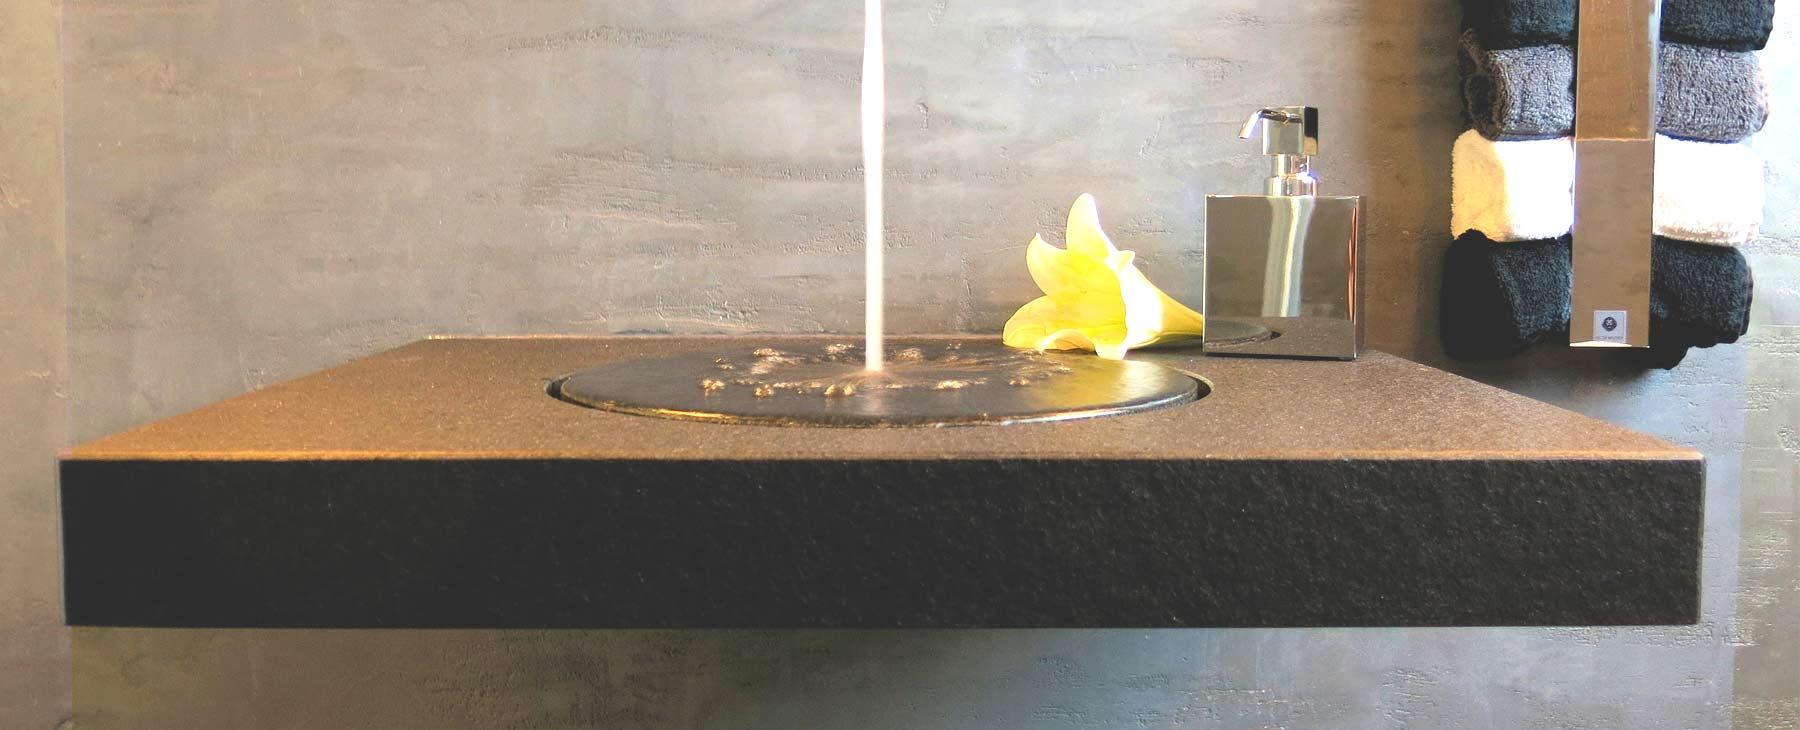 Flaschwaschtisch mit Blume 2